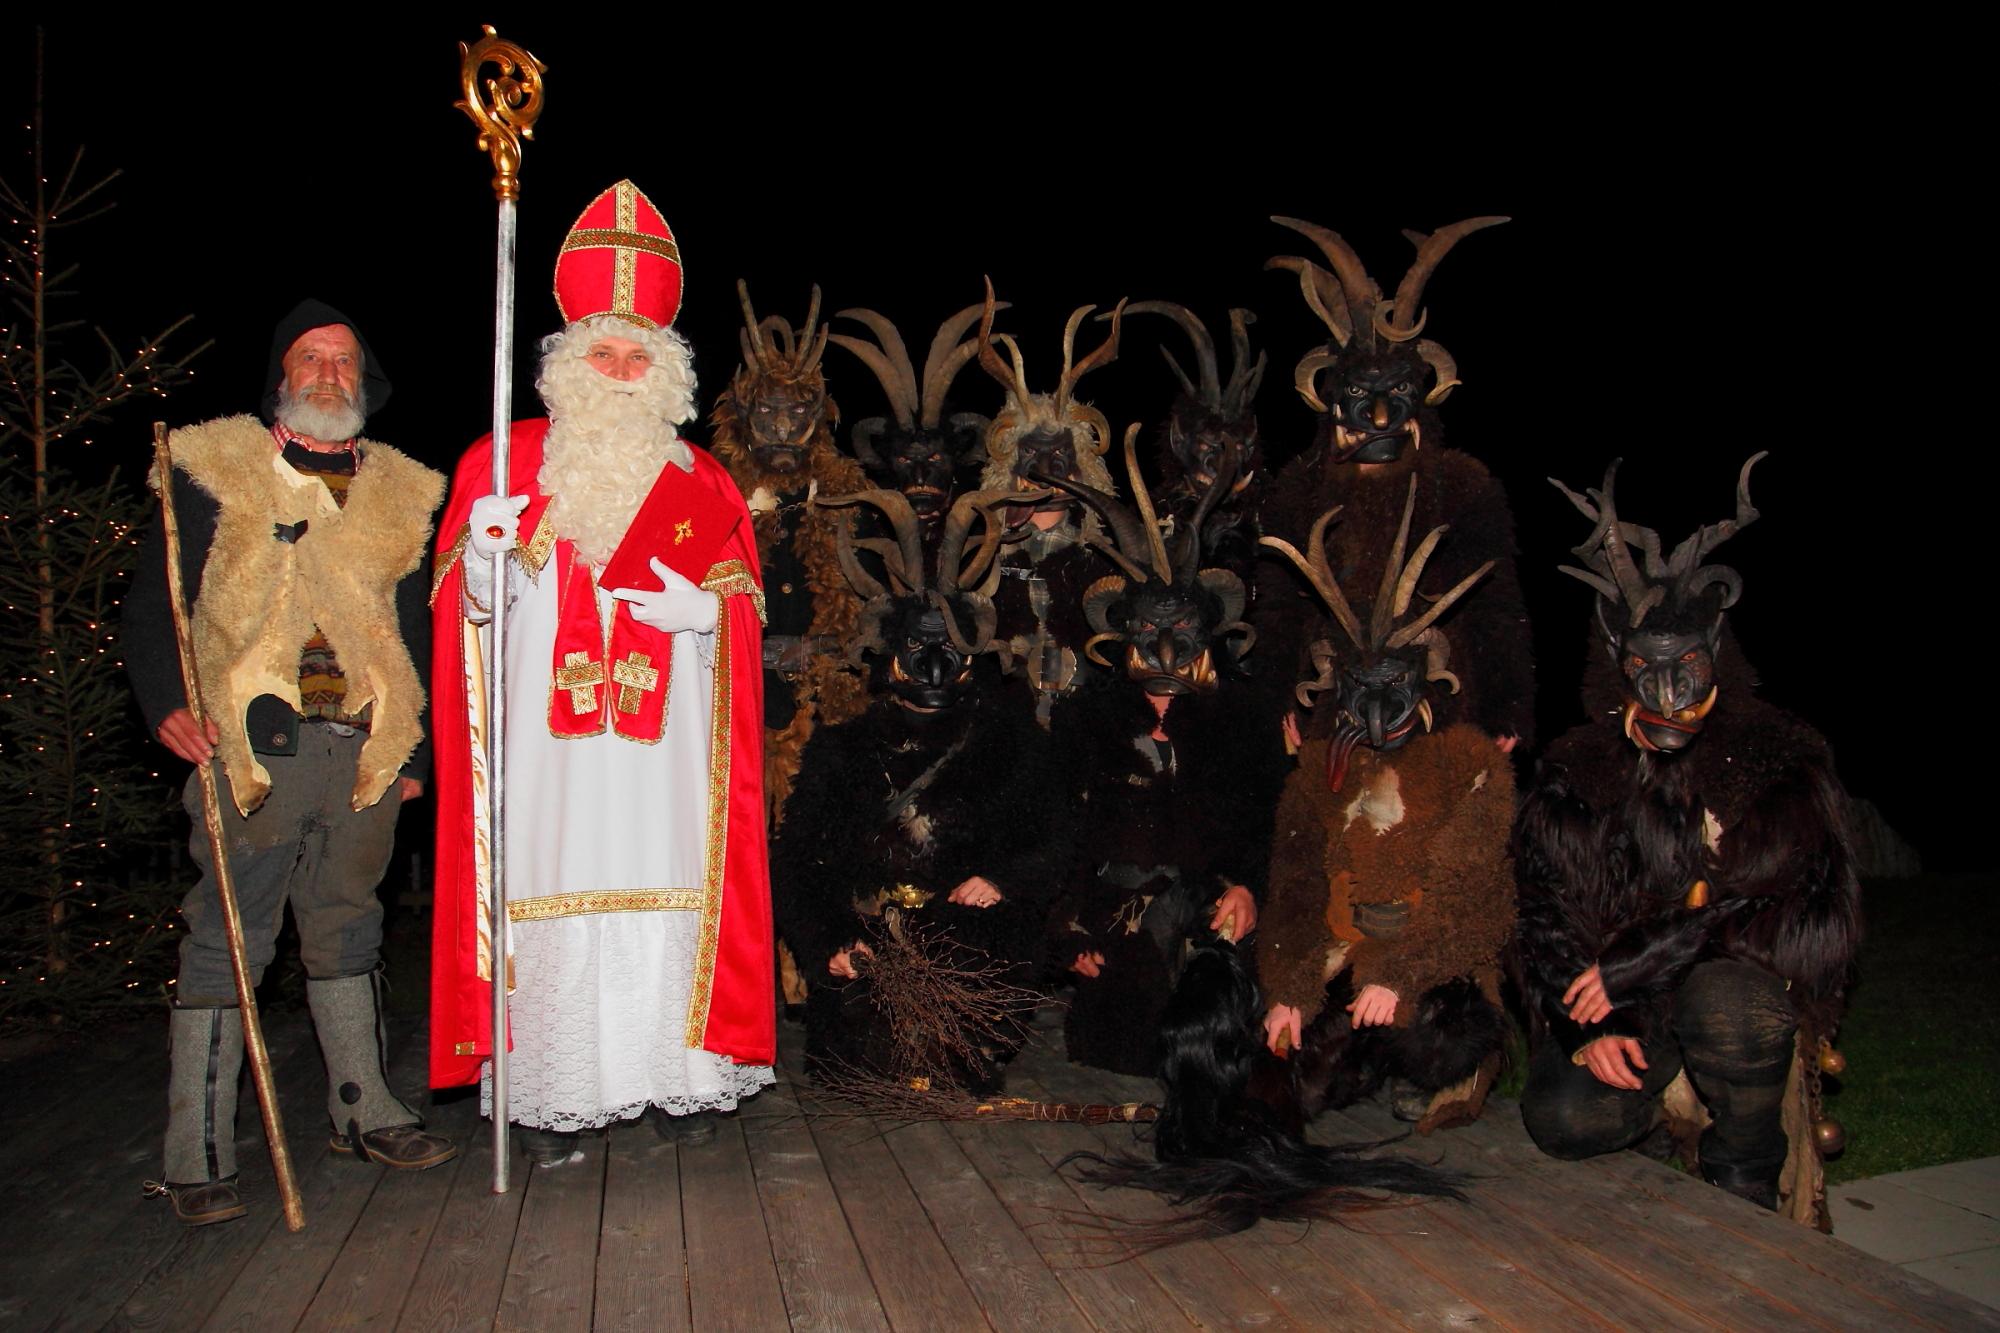 Nikolaus und Krampus am Adventmarkt in Großarl